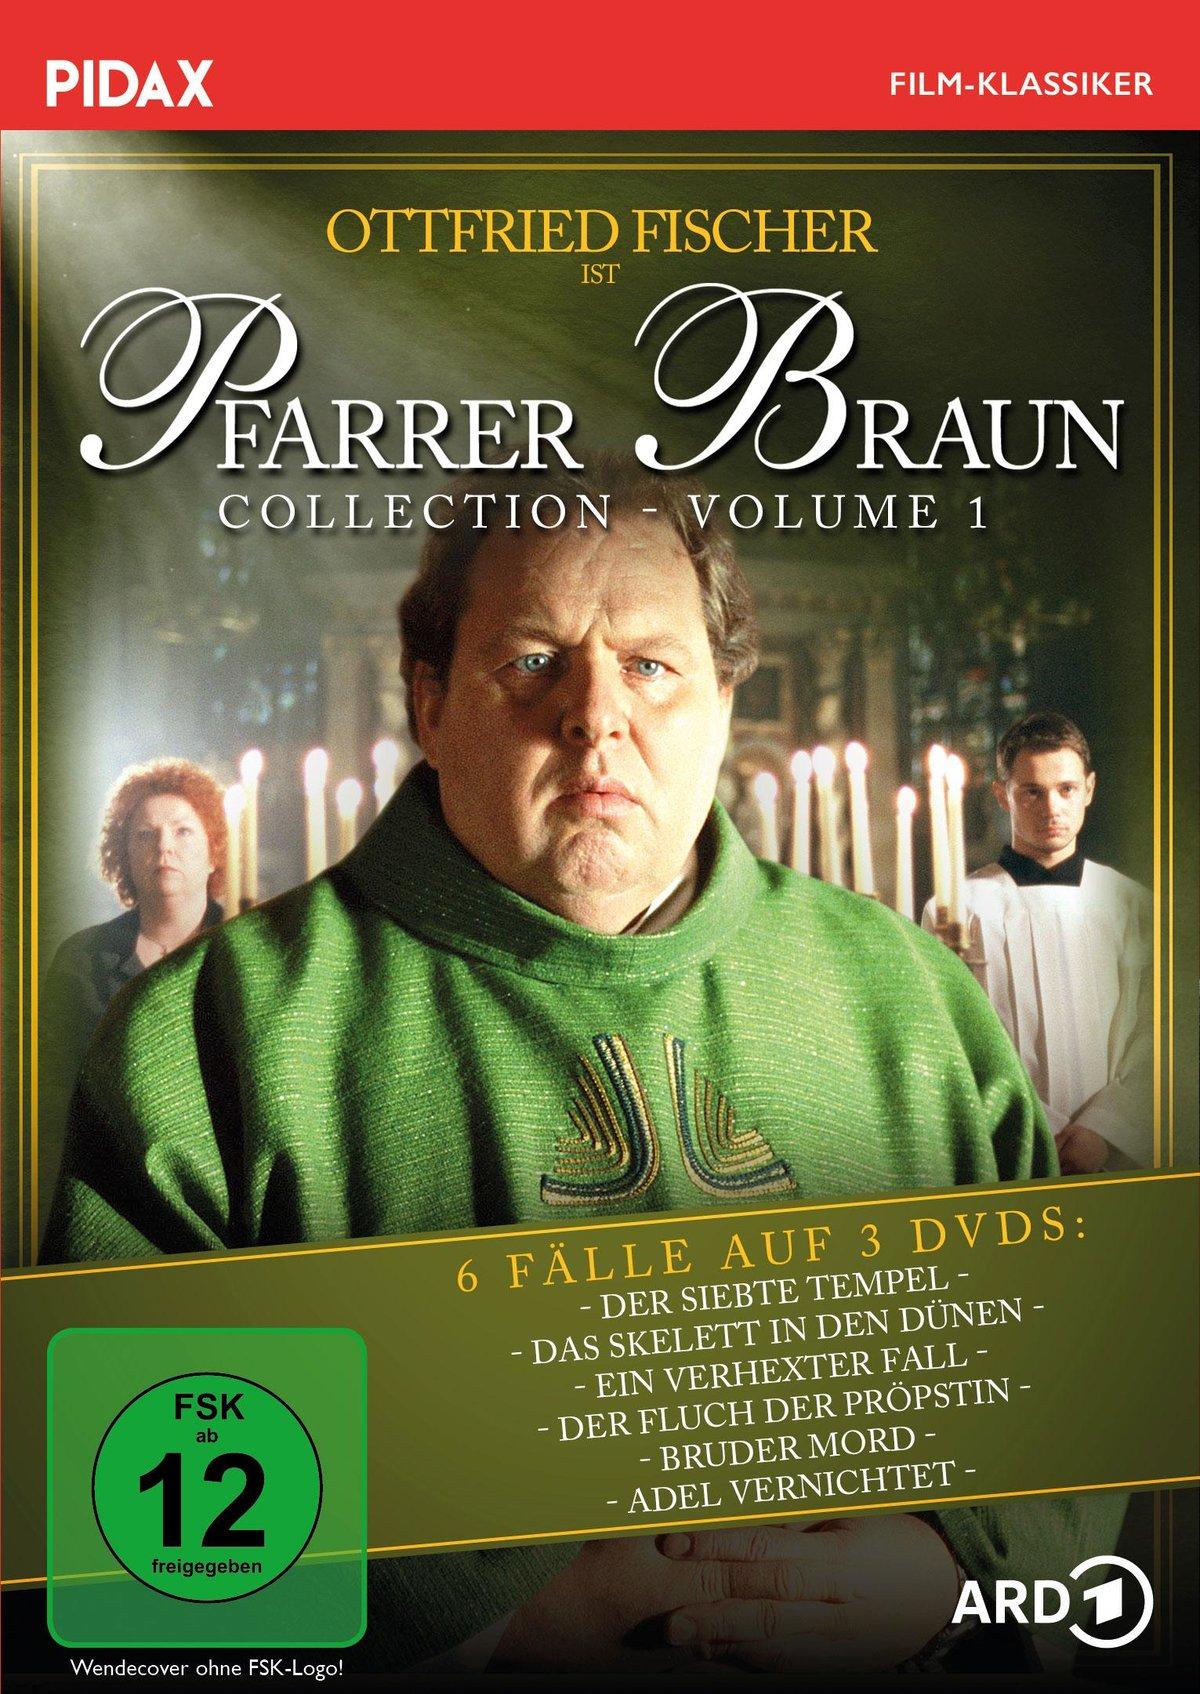 Pfarrer Braun Dvd